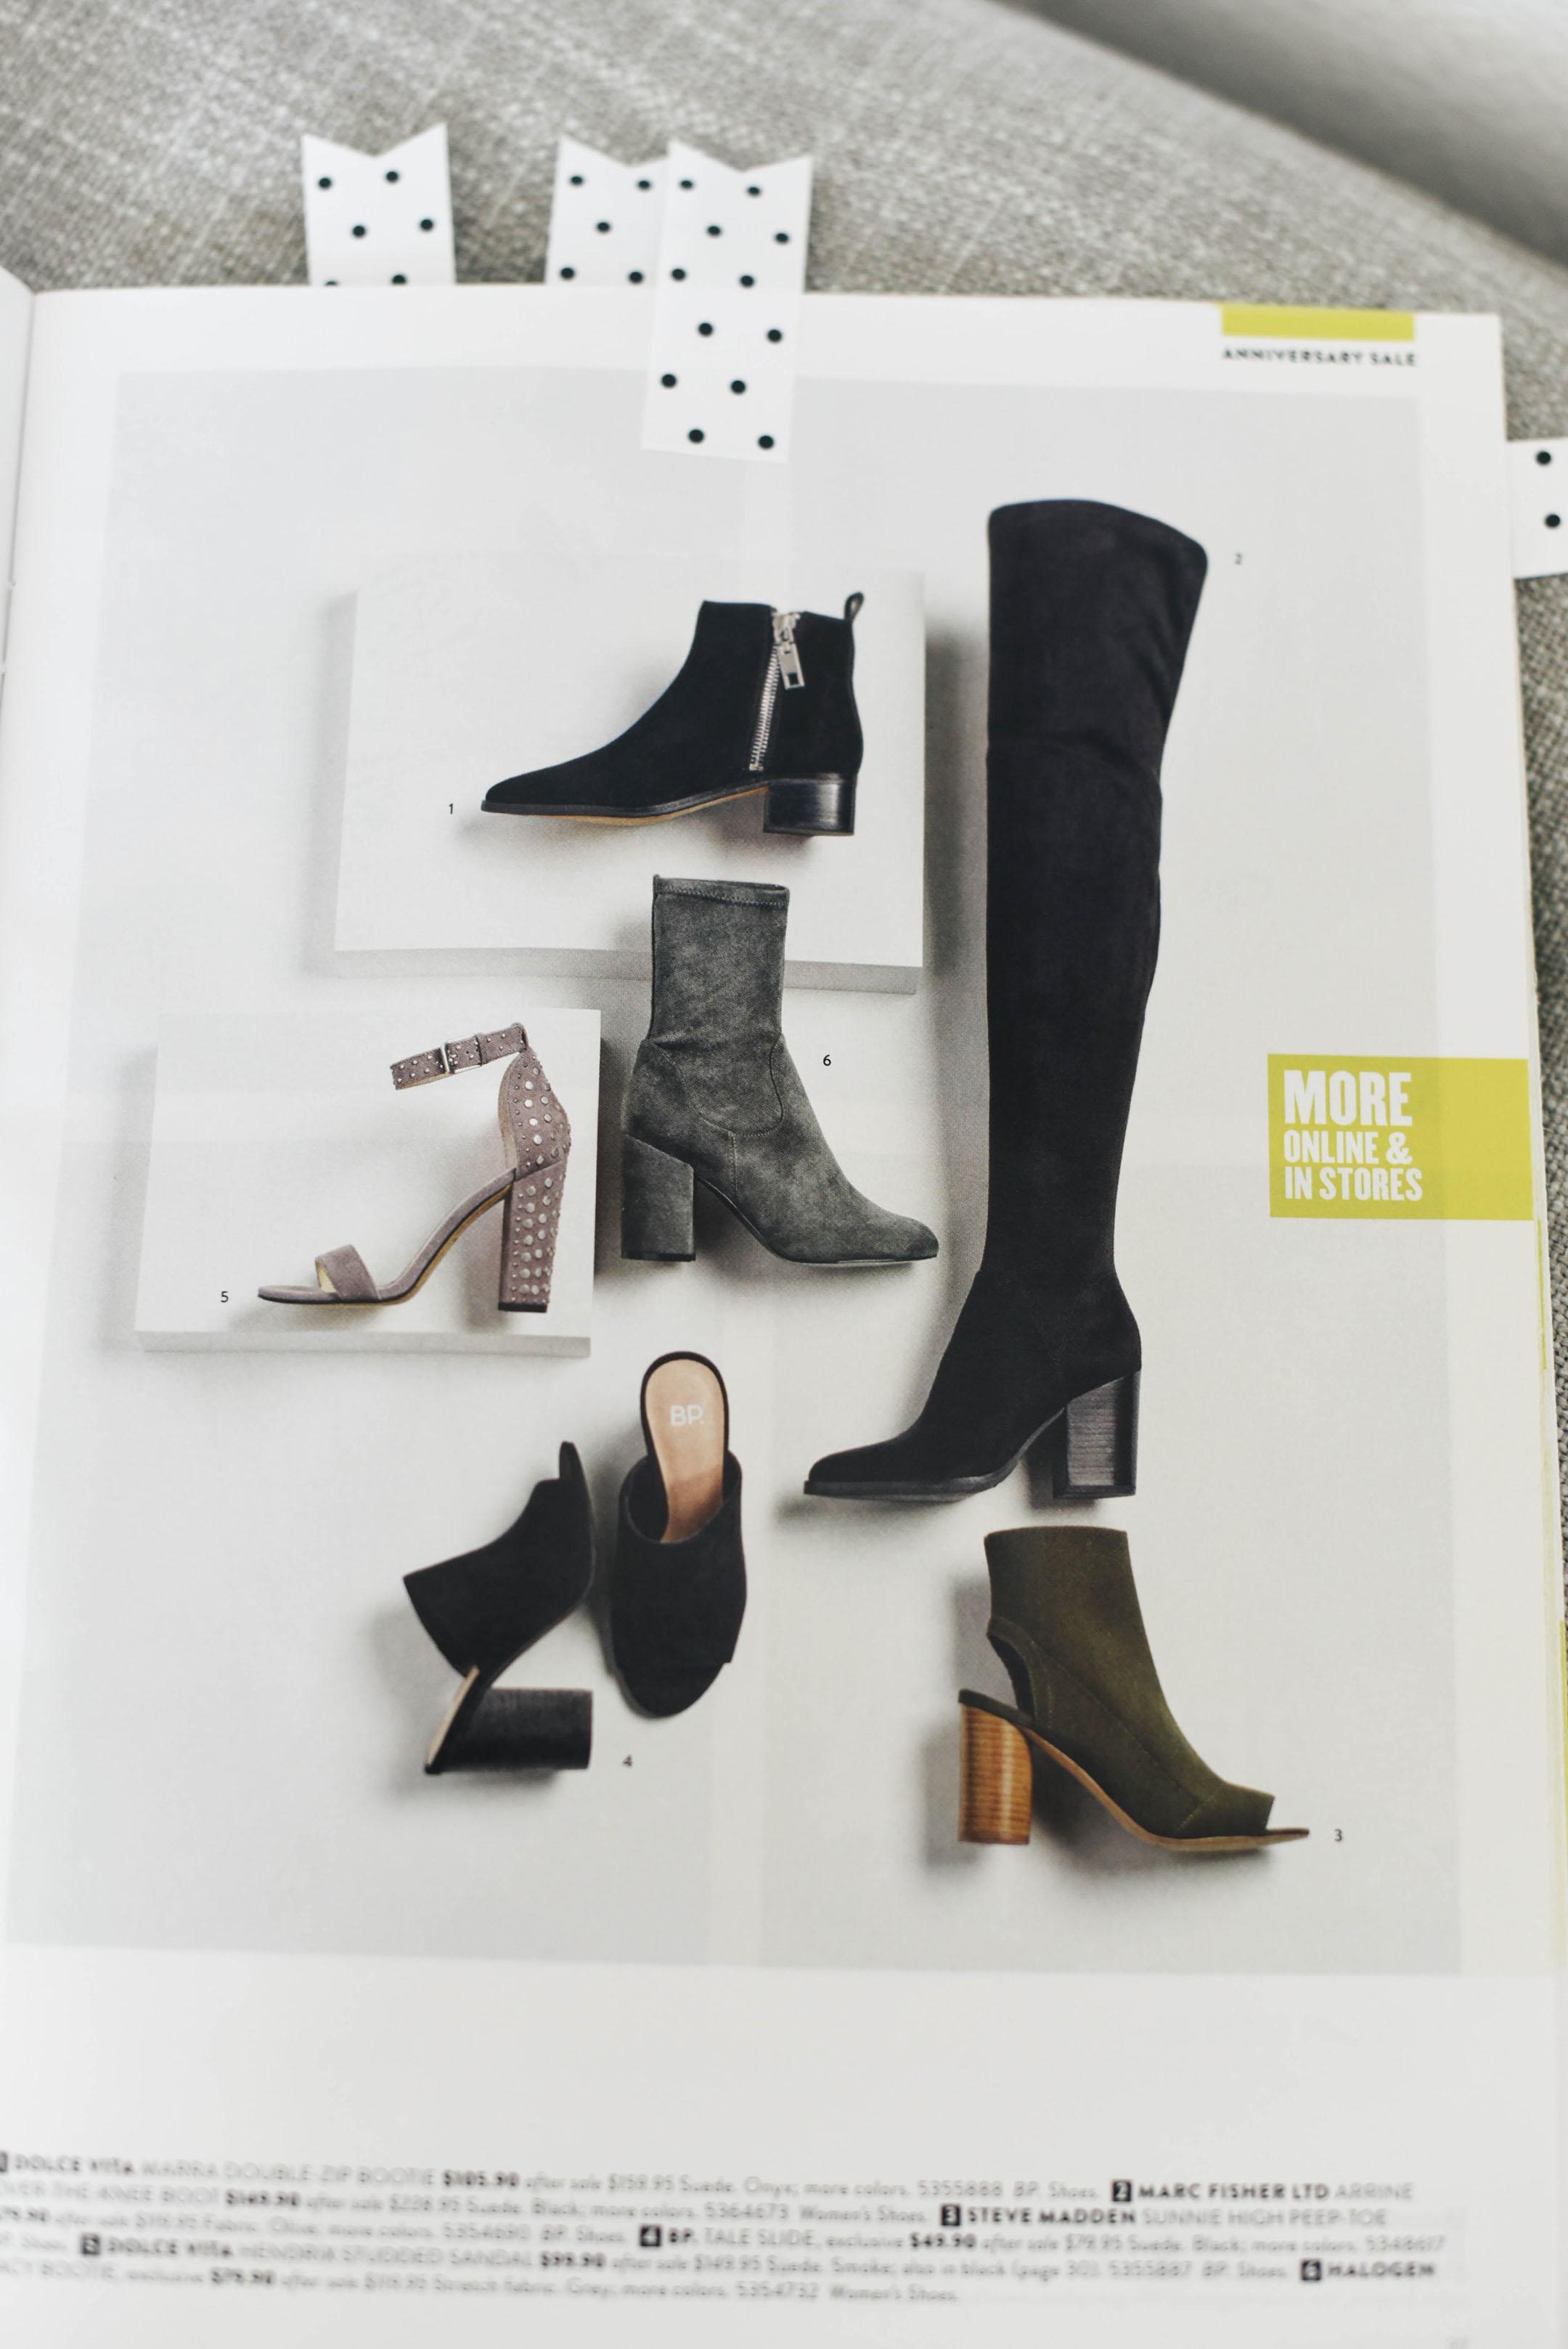 Dolce Vita marra double zip bootie Nordstrom Anniversary Sale 2017